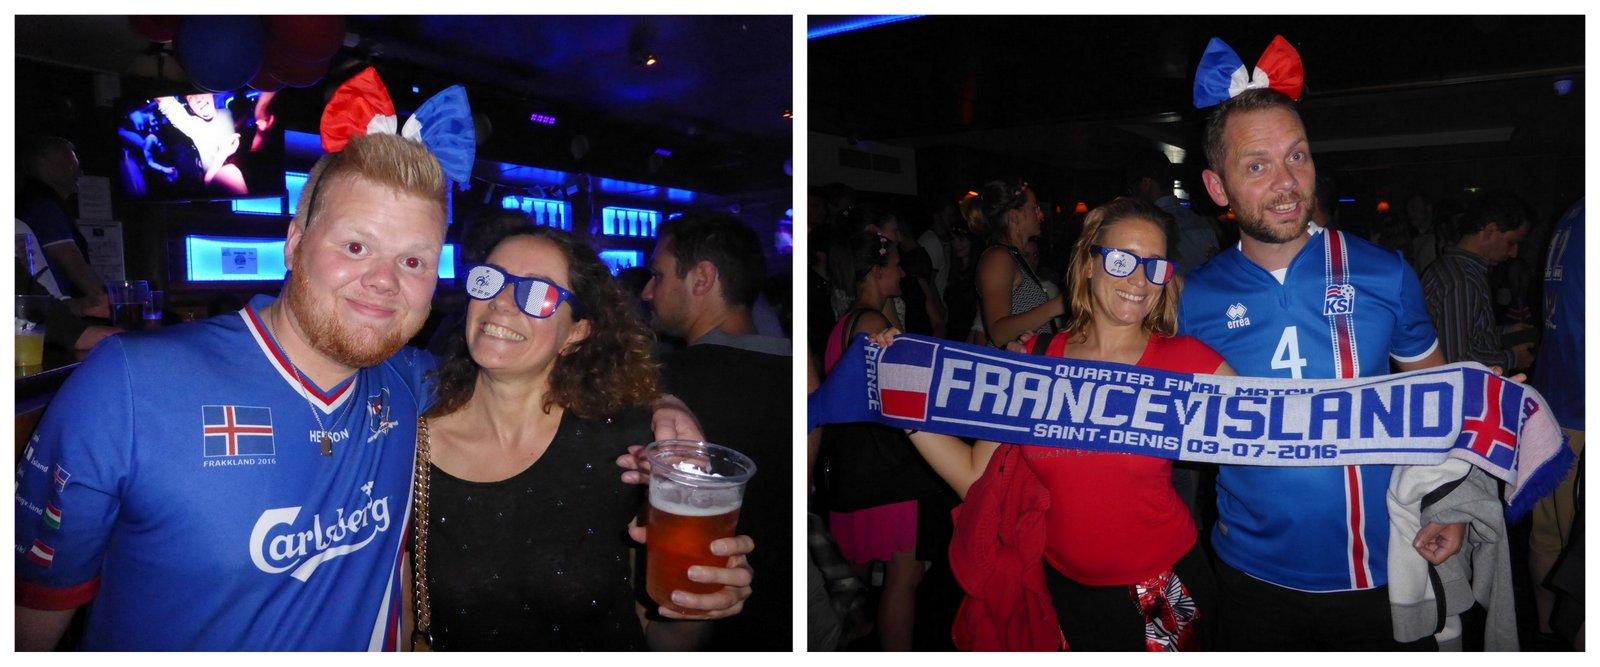 La fête avec les supporters islandais à la veille du match au bar O'Sullivan's à Pigalle